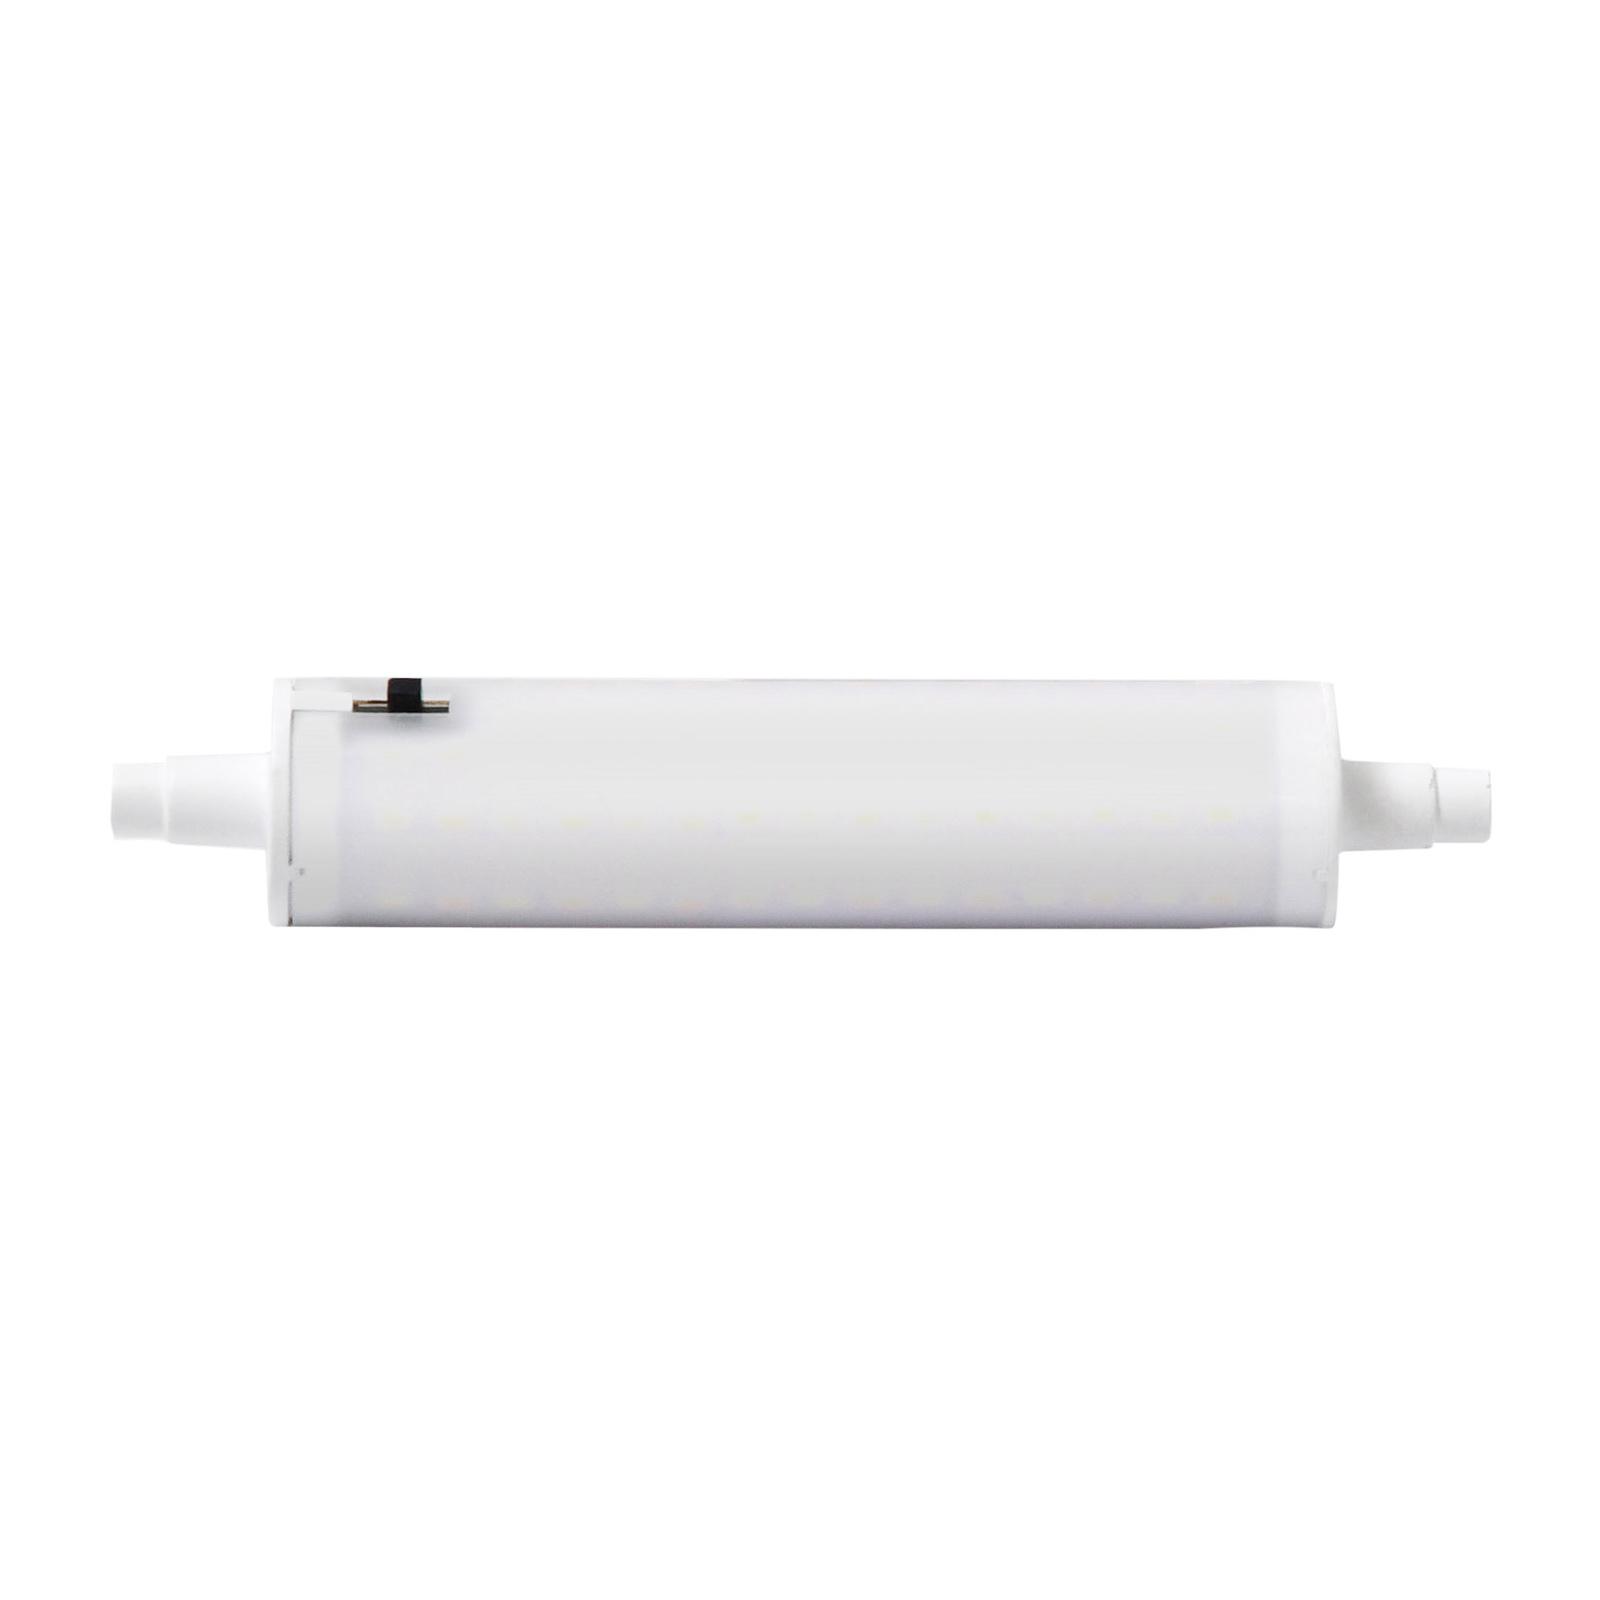 Żarówka LED R7s 7,5W, długość 11,8 cm, 850 lm, CCT